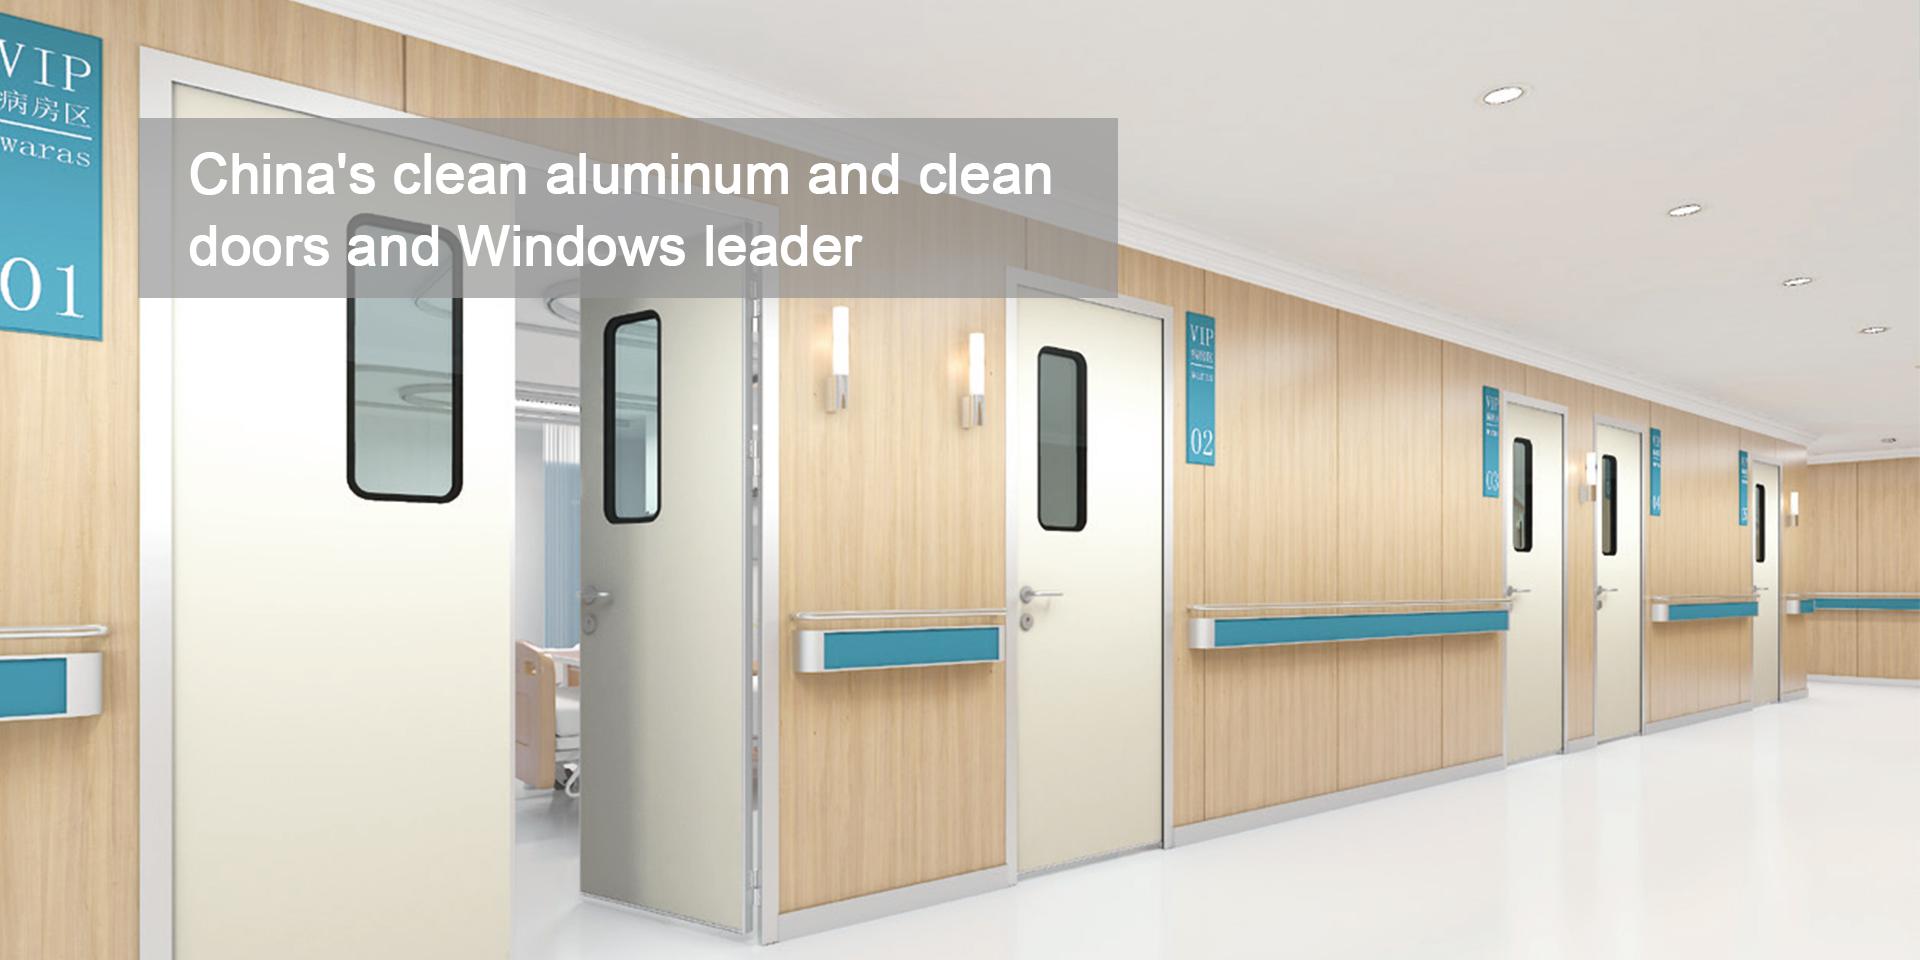 China's Clean Aluminum Doors & Windows Leader